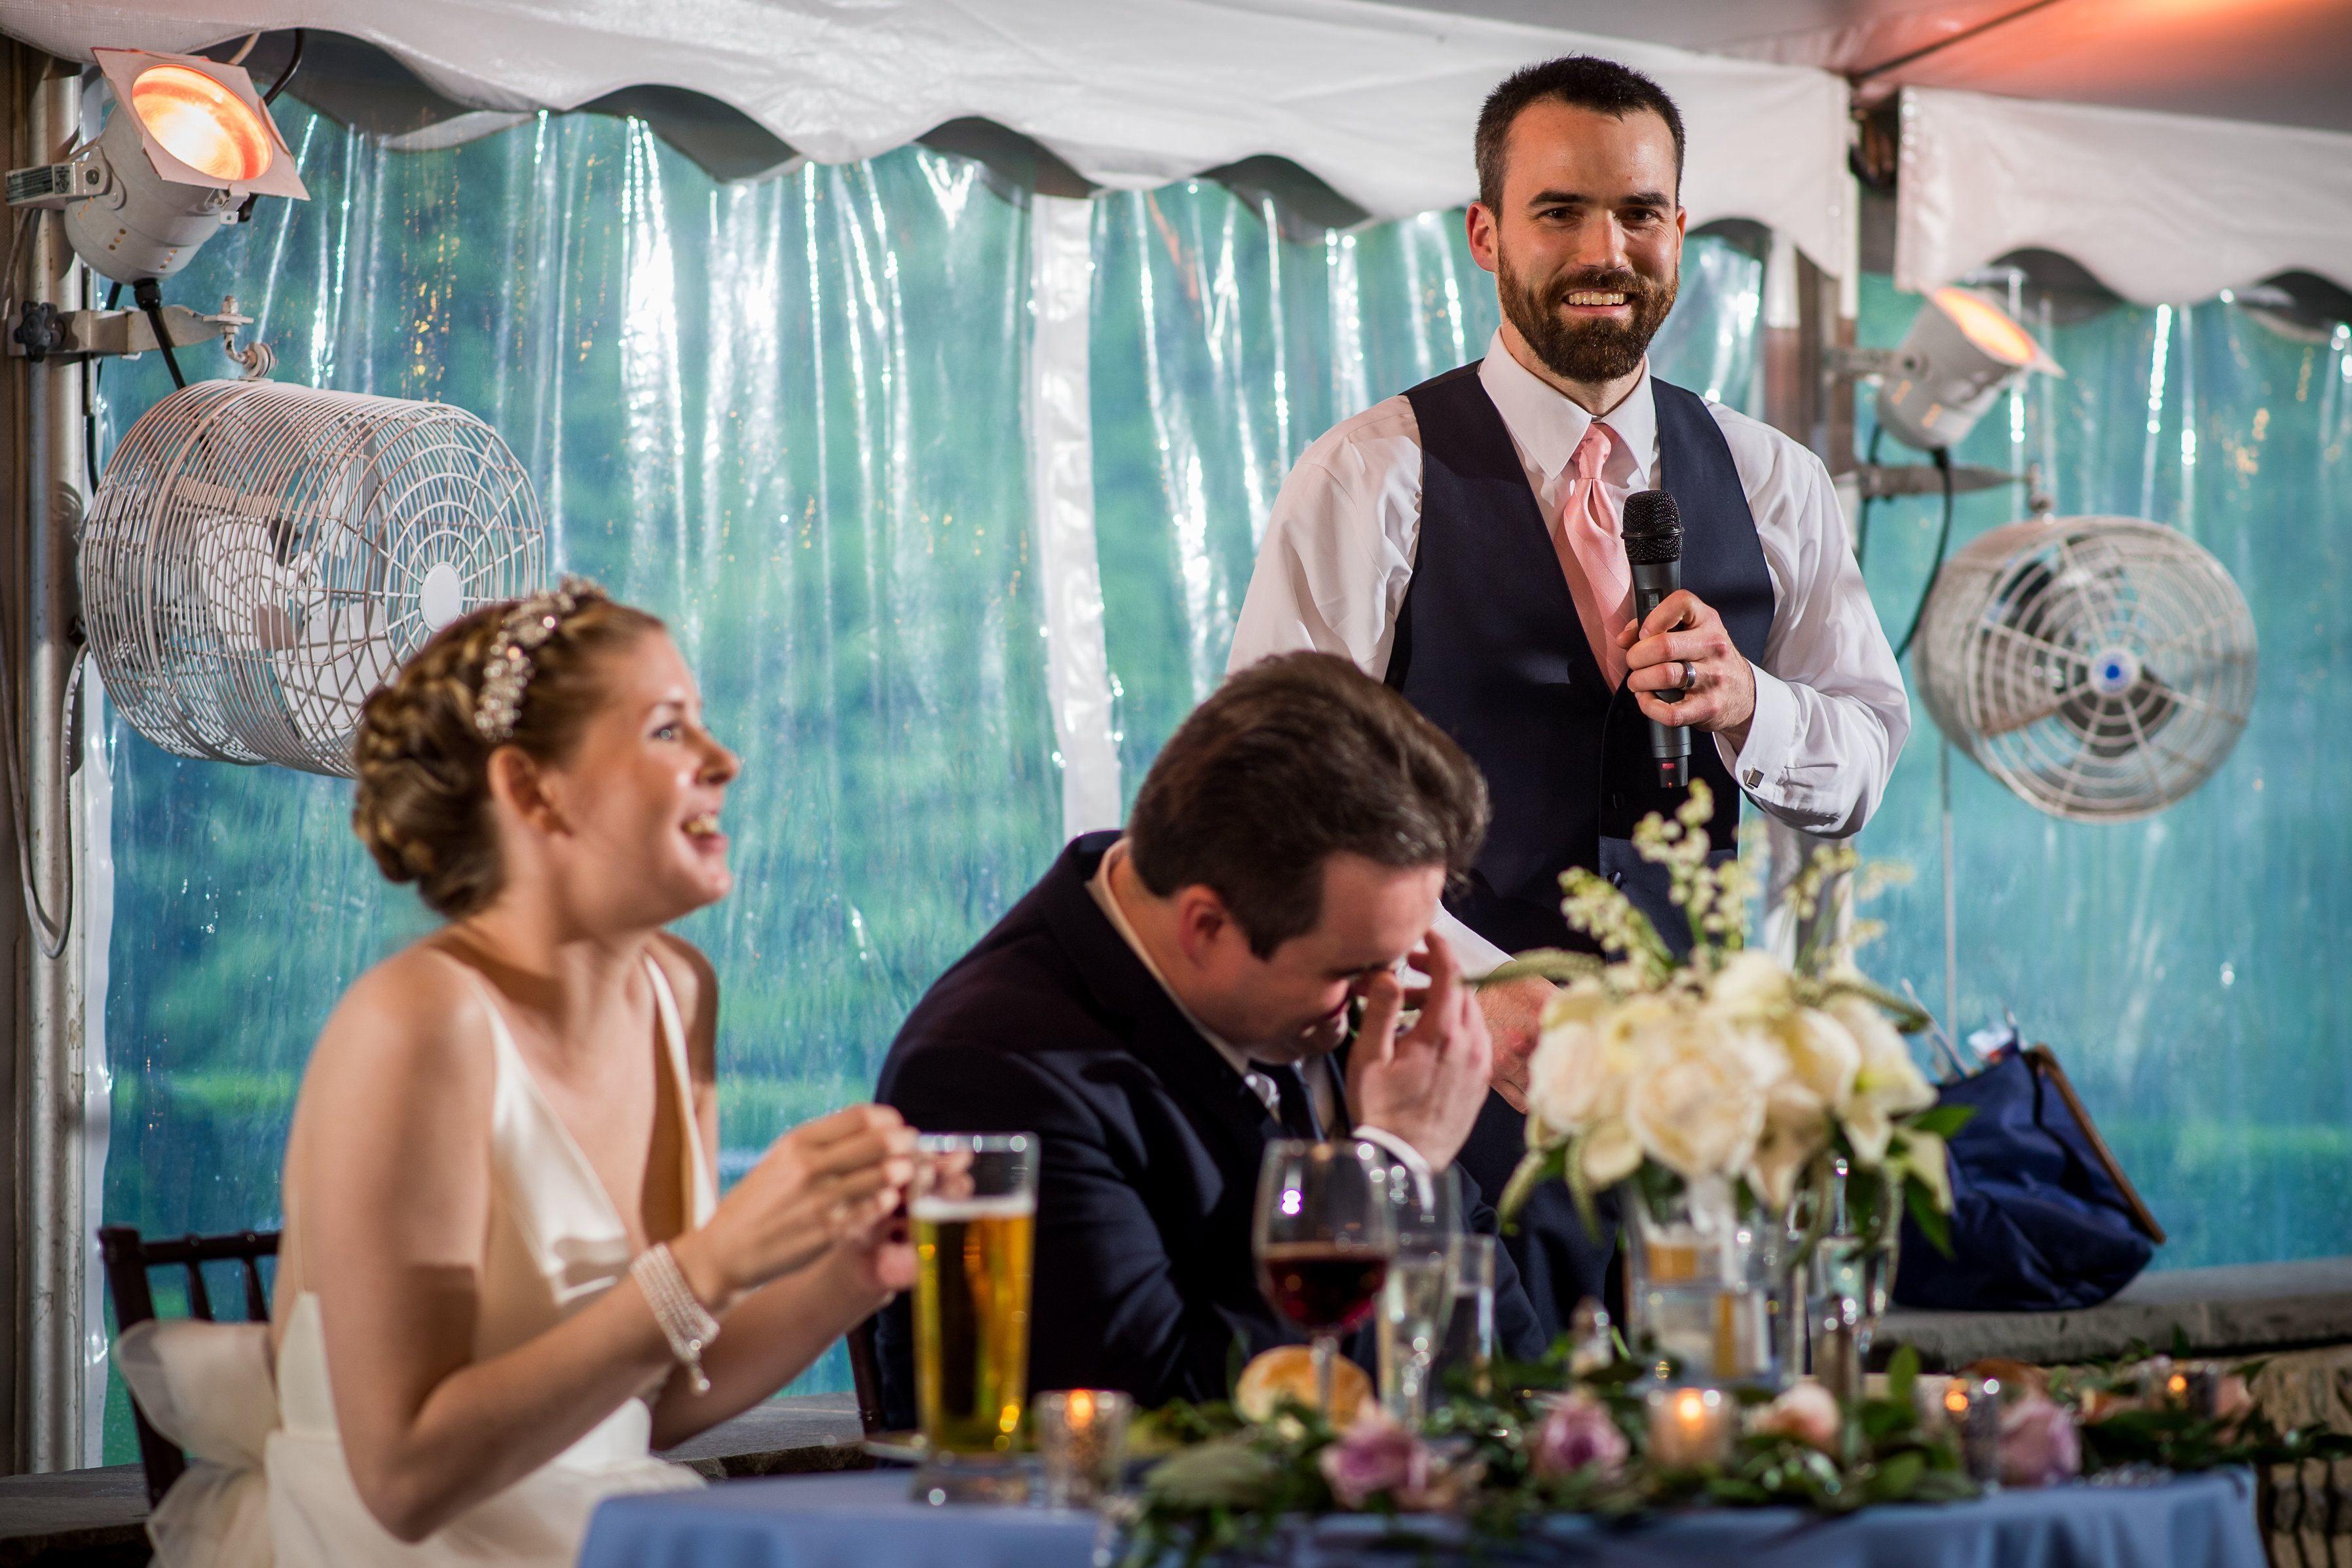 Bride Kerry Hansen, groom Matt Furey, and best man Drew Luscombe.